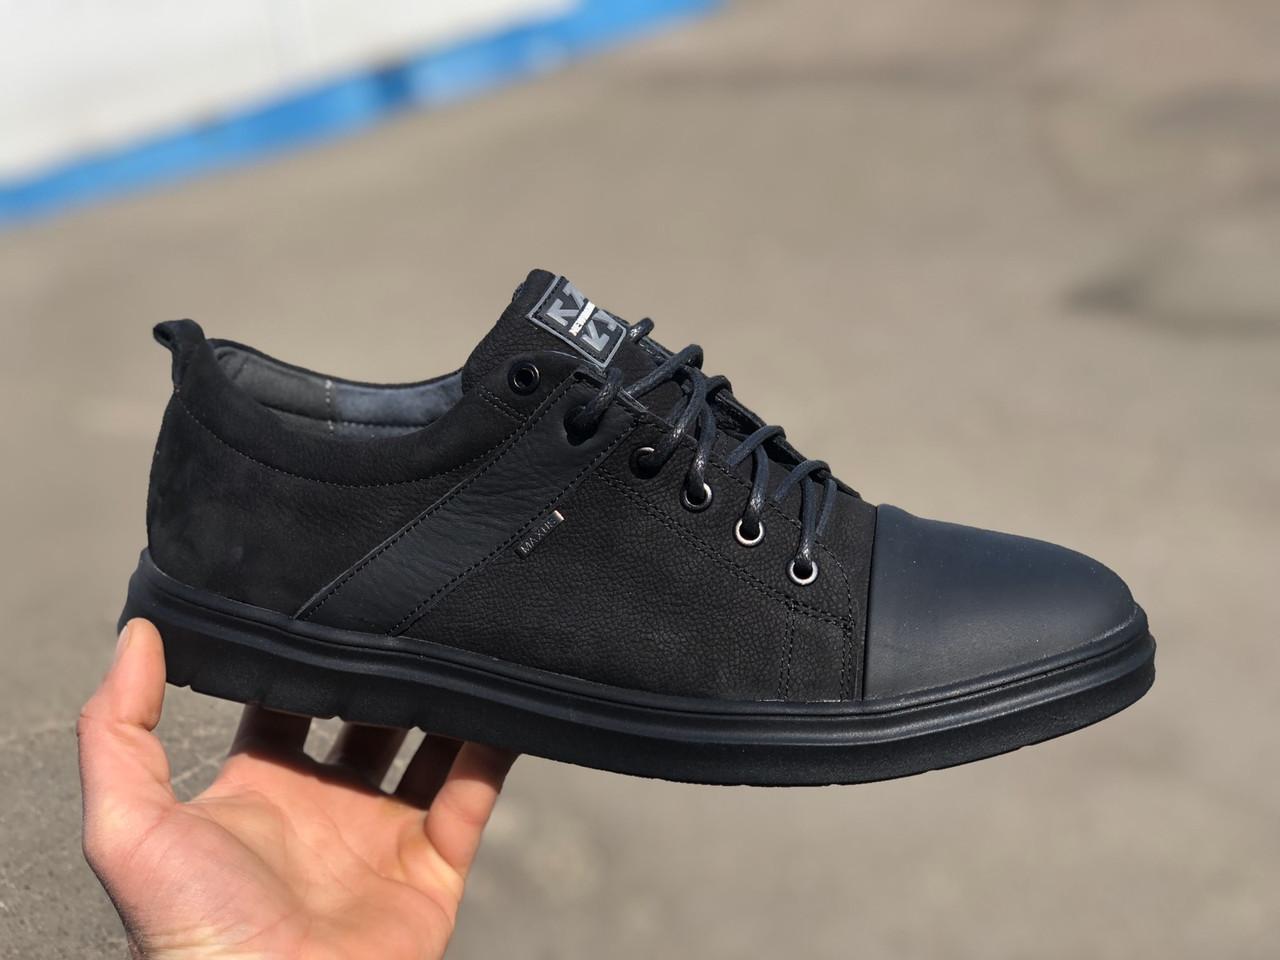 Мужские спортивные туфли натуральный замш черные Maxus большие размеры:46,47,48